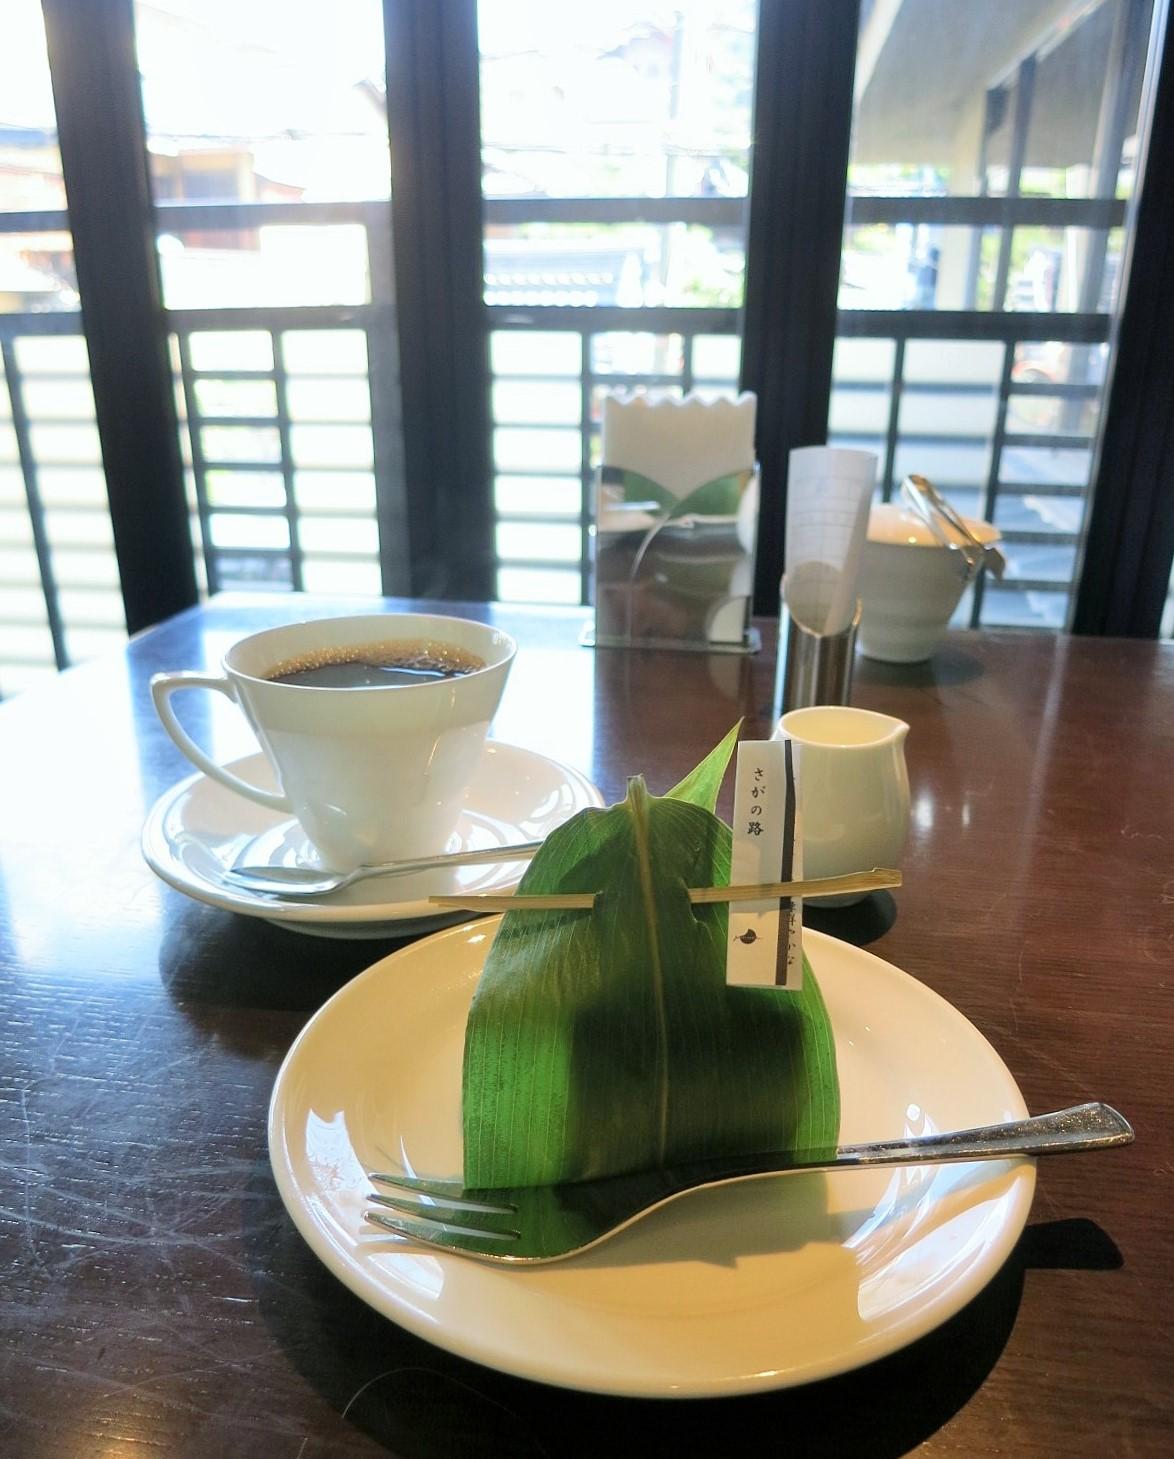 京都で朝活③ 京洋菓子司ジュヴァンセル*スイーツカフェ_f0236260_1381296.jpg